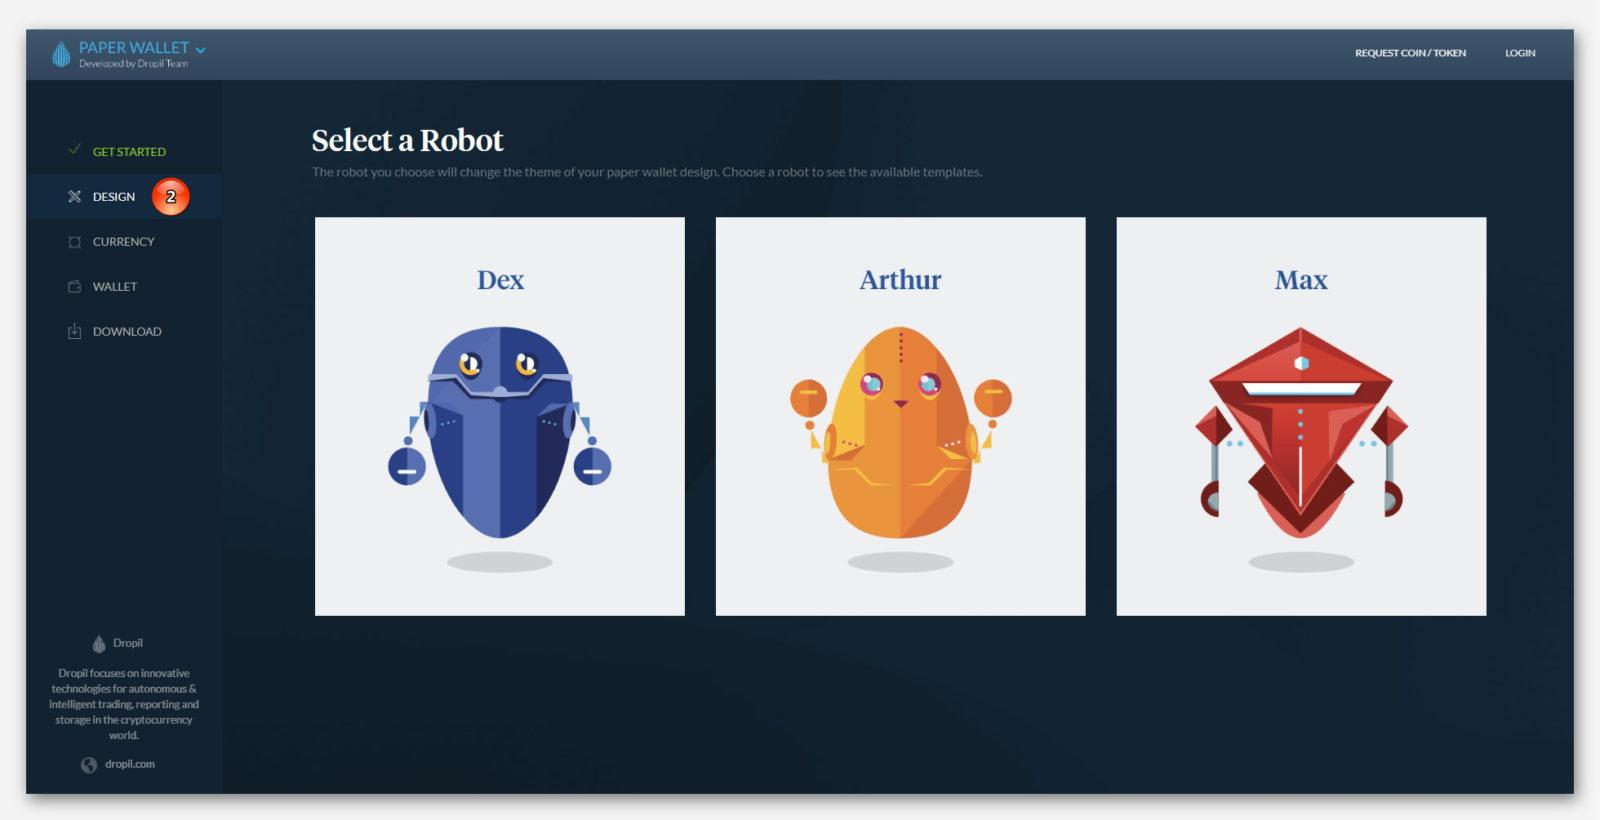 Выбрать дизайн для Paper Wallet, от компании Dropil